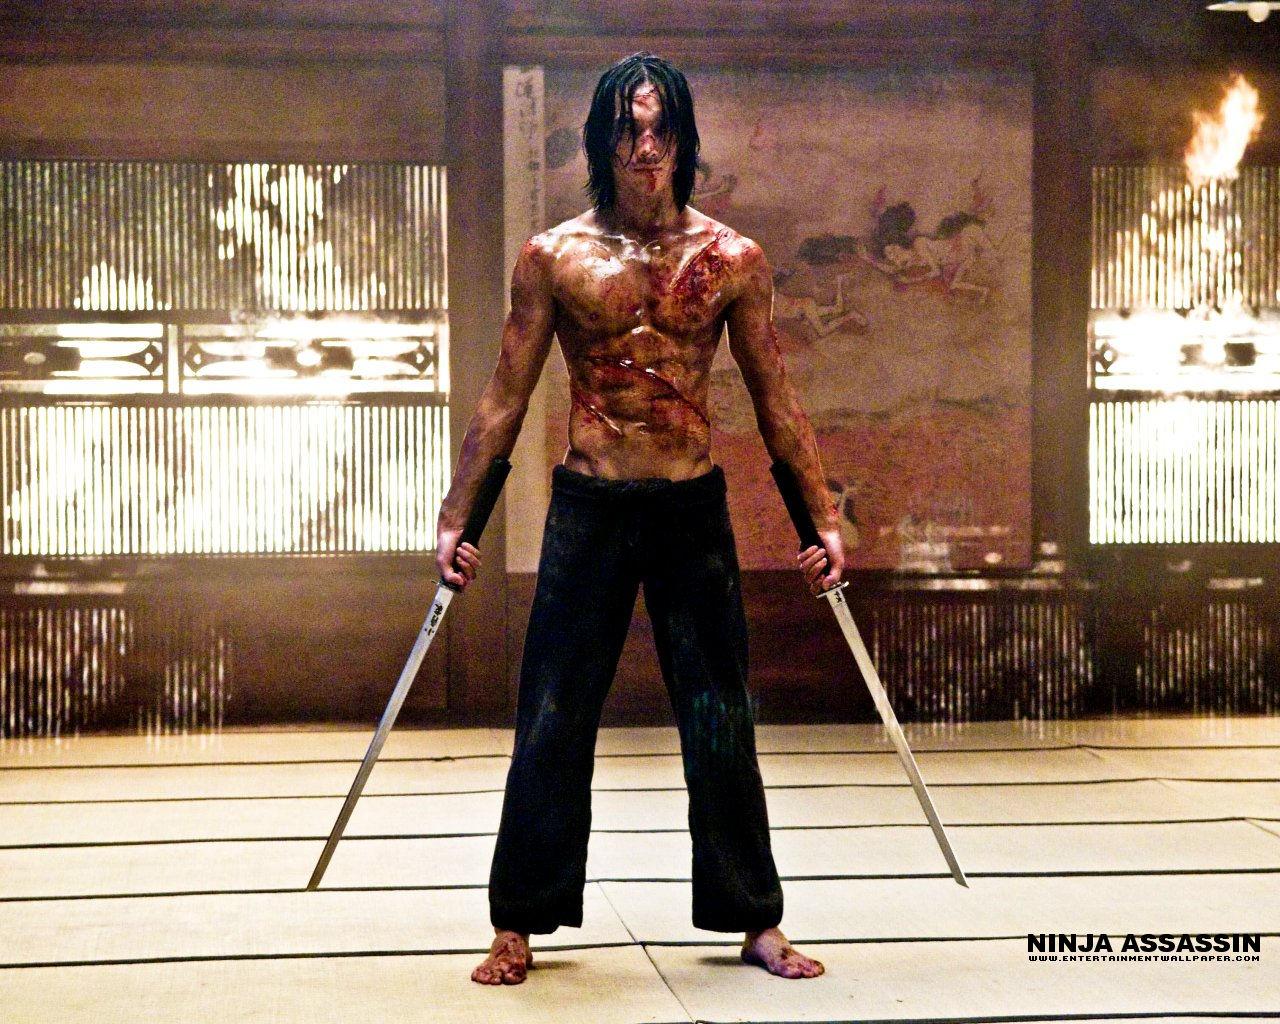 Fiecare user pune o imagine cu numarul de ordine Ninja_assassin01